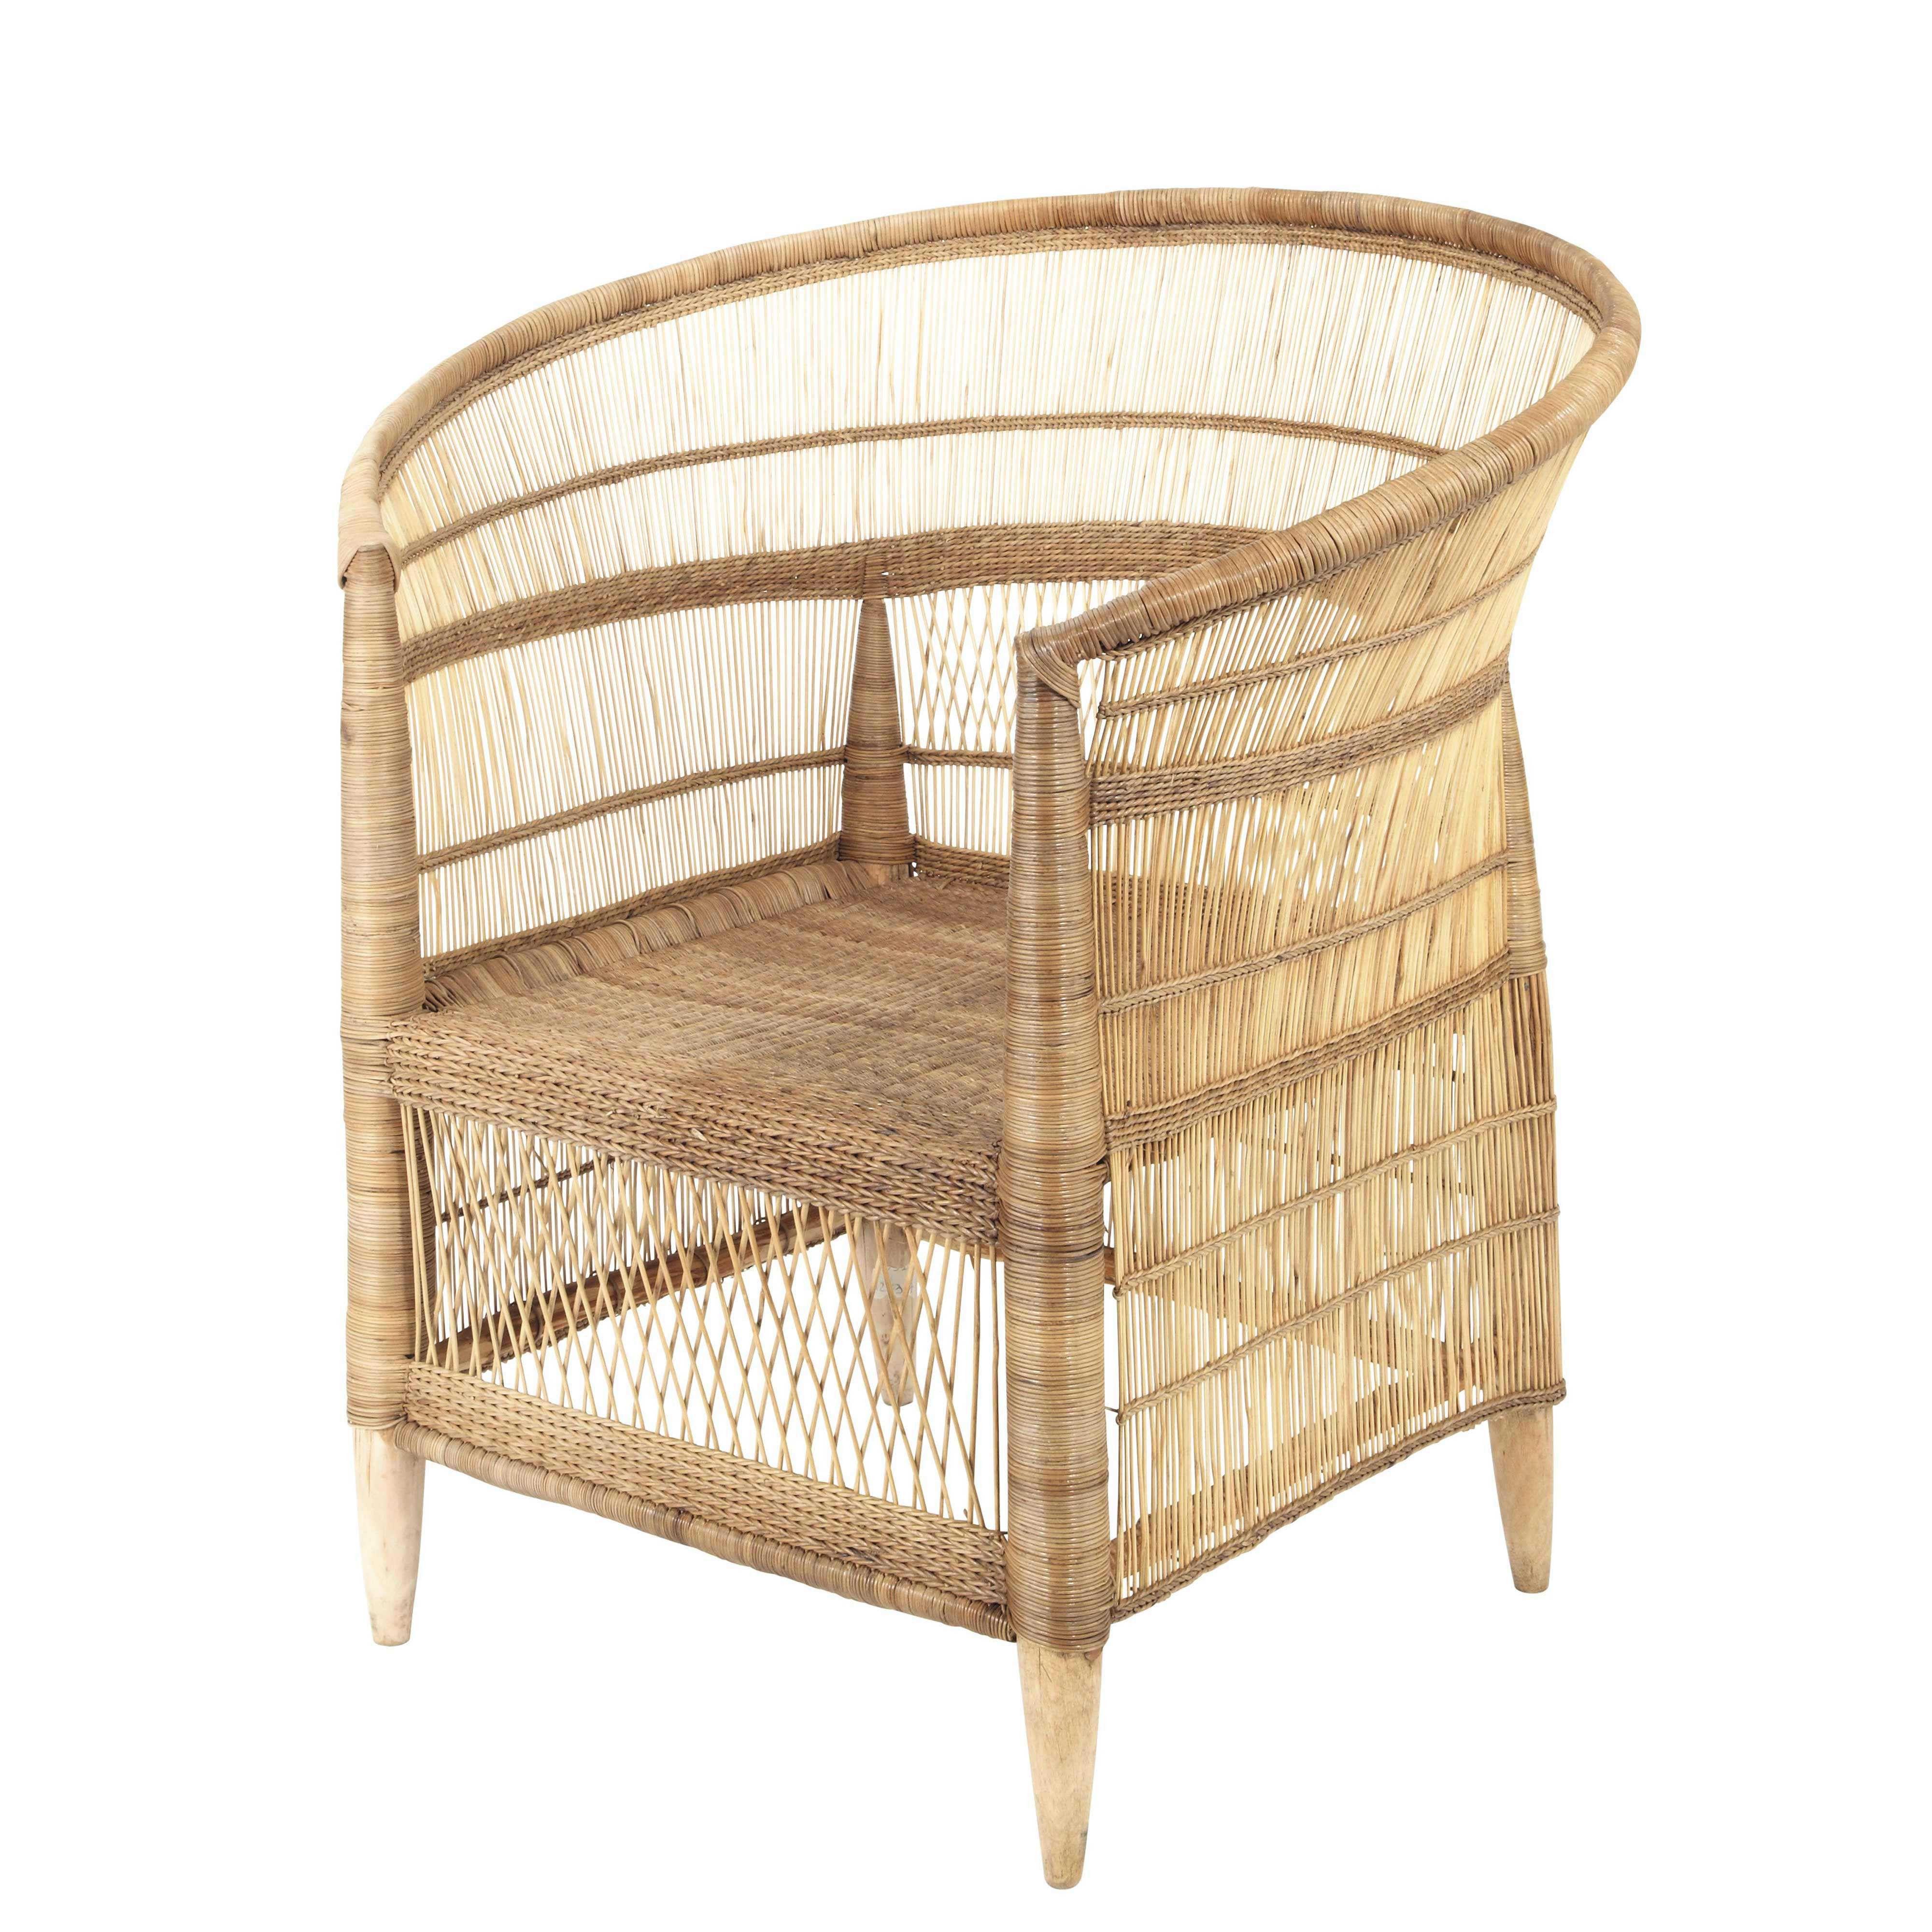 Quantite Innovante Fauteuil A Bascule Maison Du Monde A Besoin De Savoir Chaises En Bambou Fauteuil Rotin Bambou